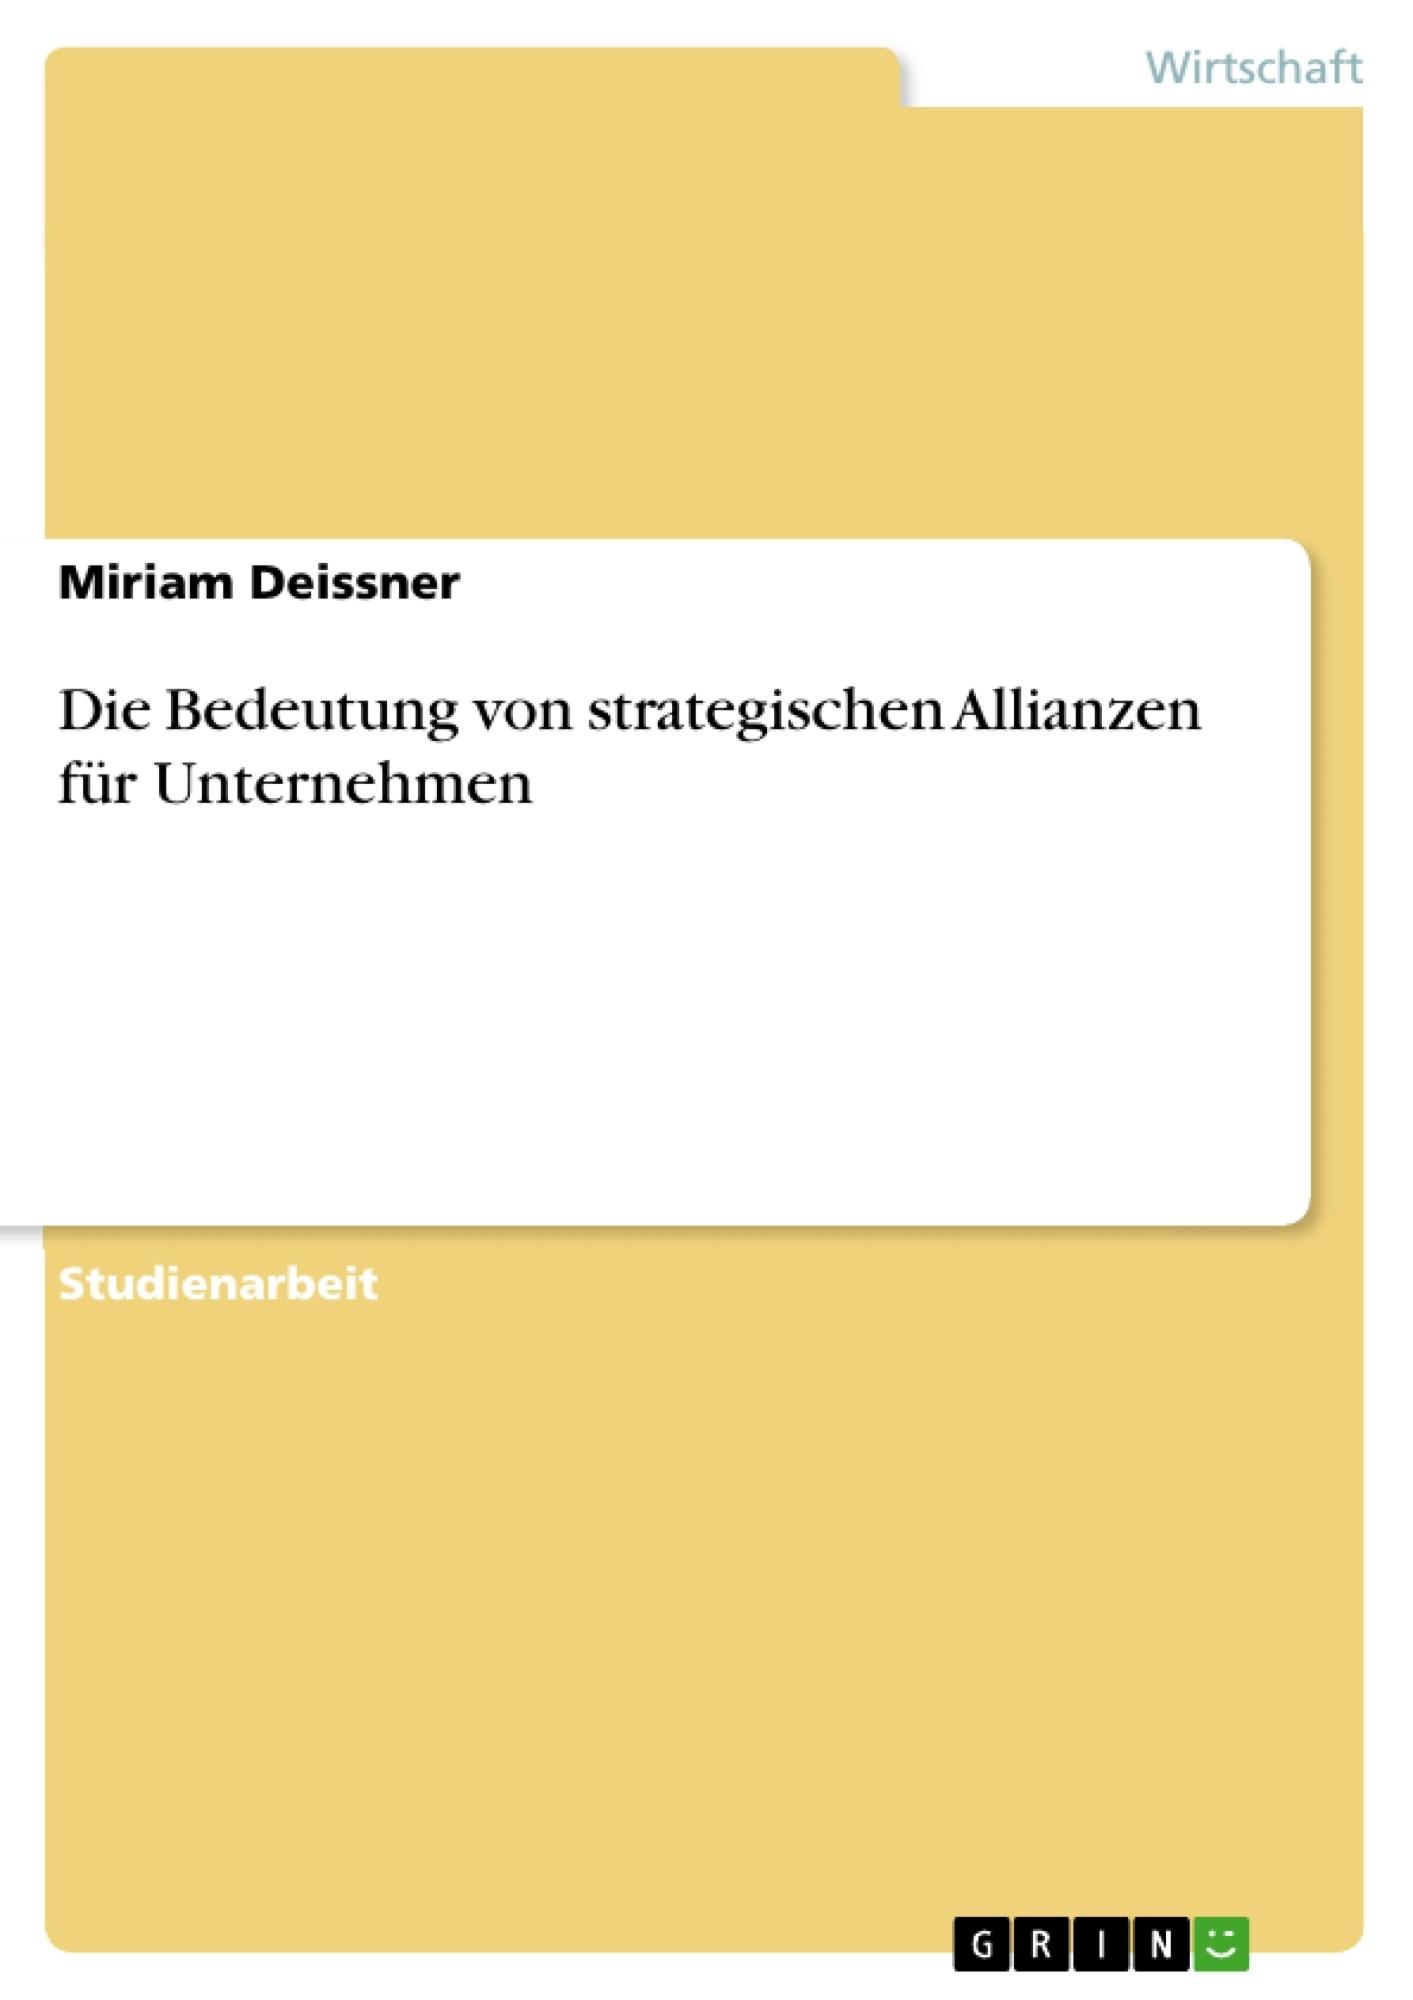 Titel: Die Bedeutung von strategischen Allianzen für Unternehmen